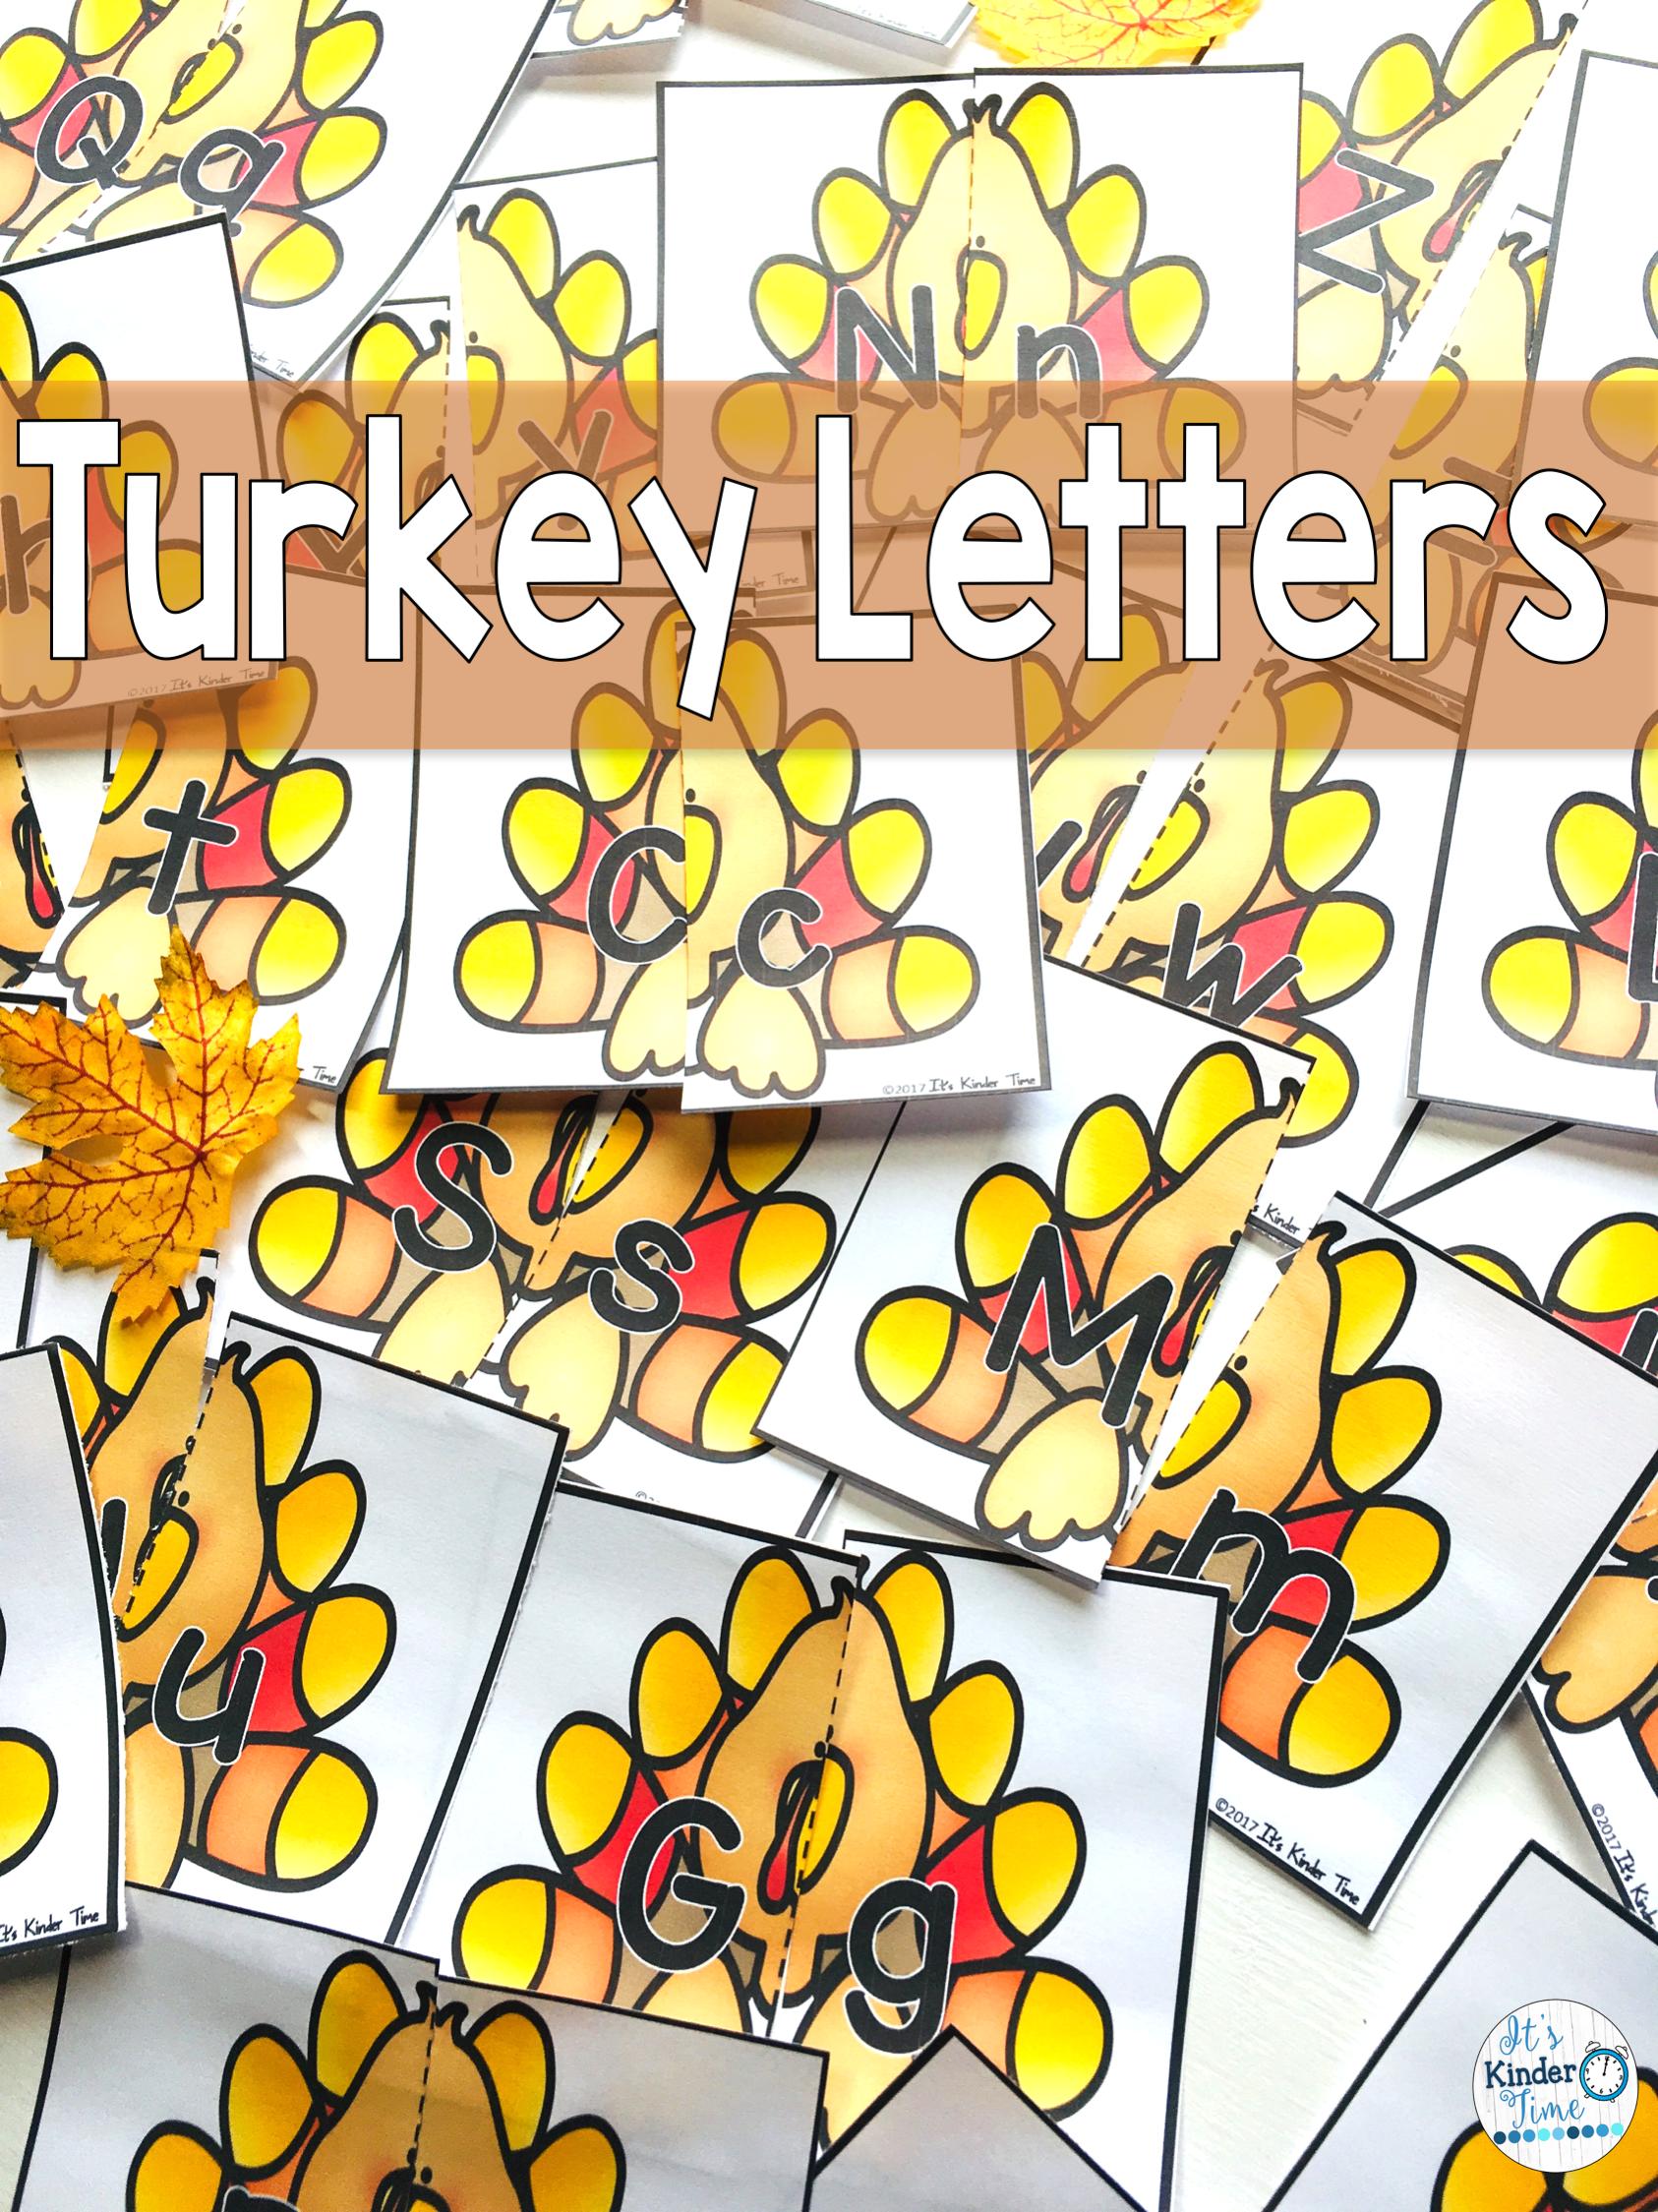 Turkey Letters